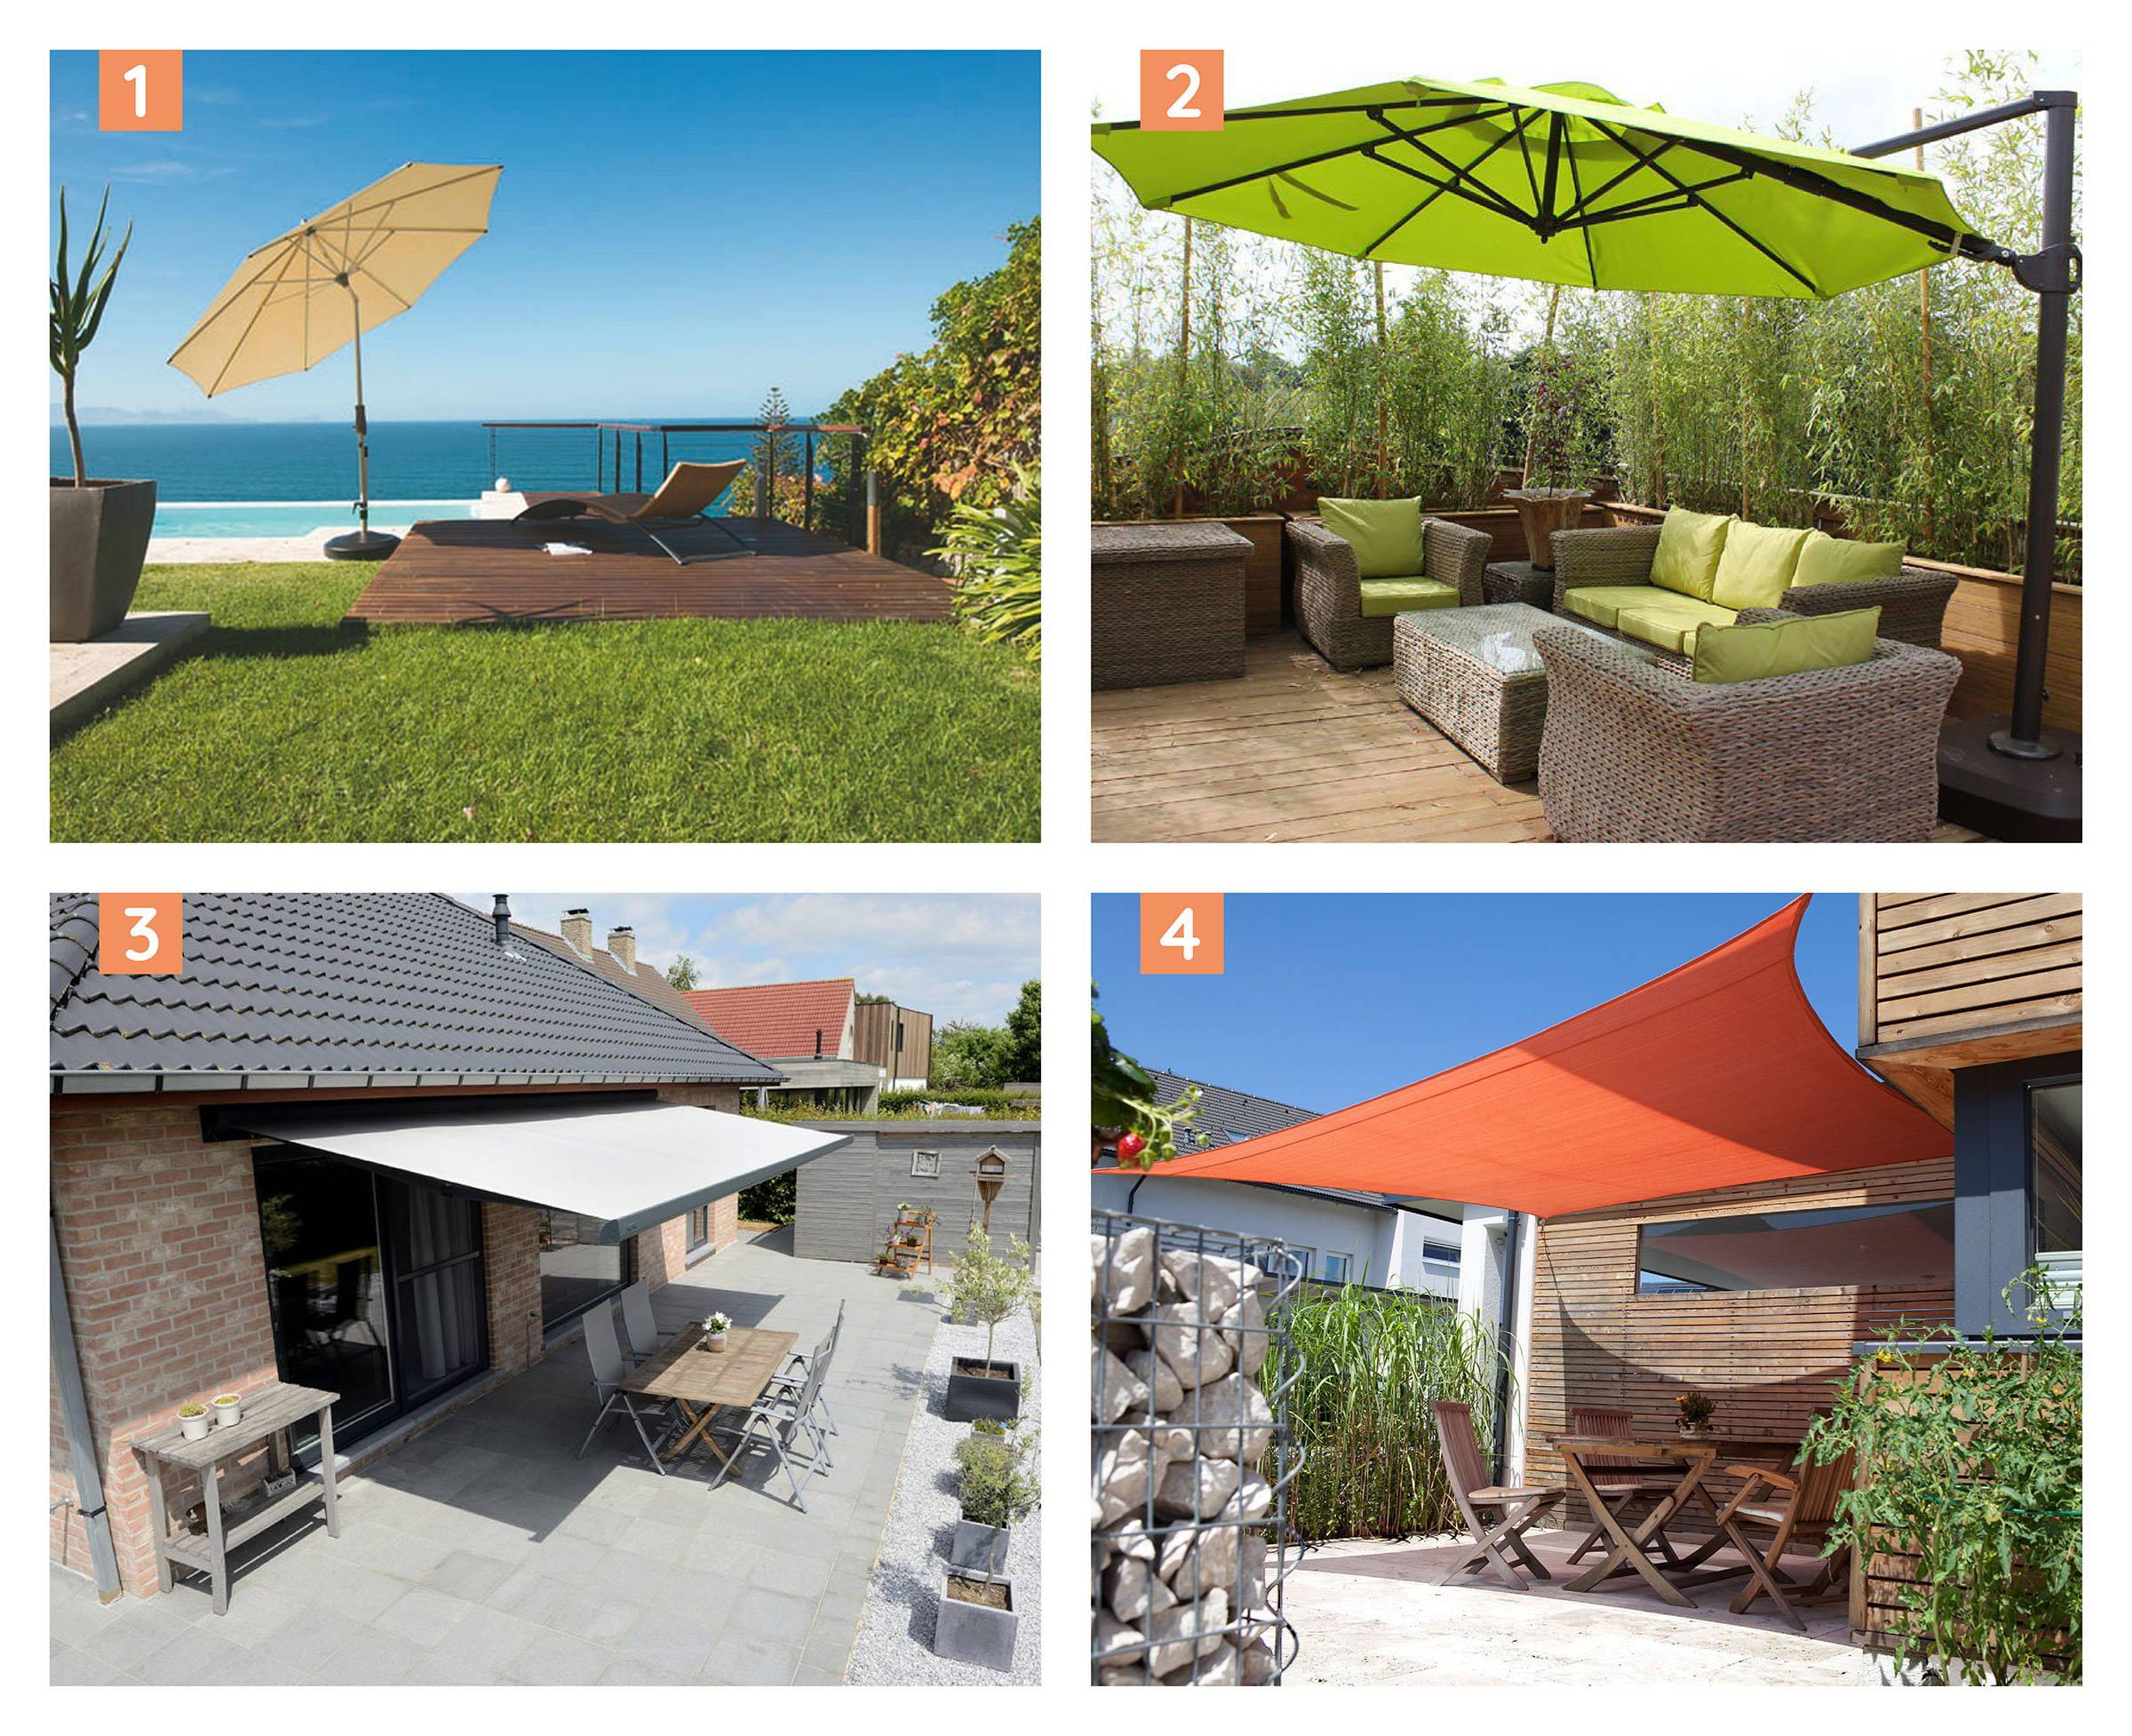 4 forskellige muligheder for at skabe skygge på terrassen. 1 parasol. 2 hængeparasol. 3 markise og 4 solsejl.